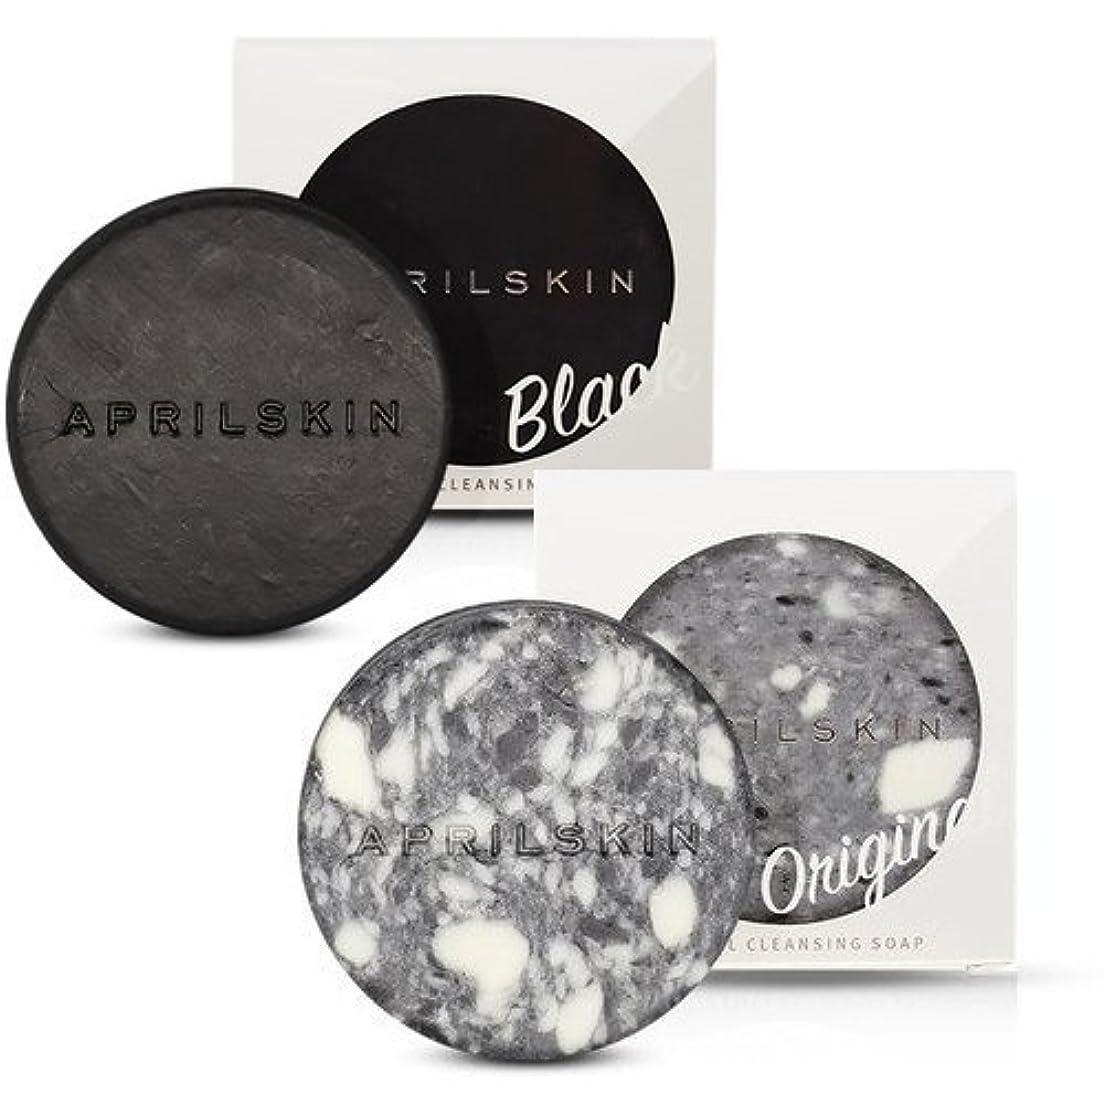 違法シプリー災害[1+1][APRILSKIN] エイプリルスキン国民石鹸 (APRIL SKIN マジックストーンのリニューアルバージョン新発売) (ORIGINAL+BLACK) [並行輸入品]